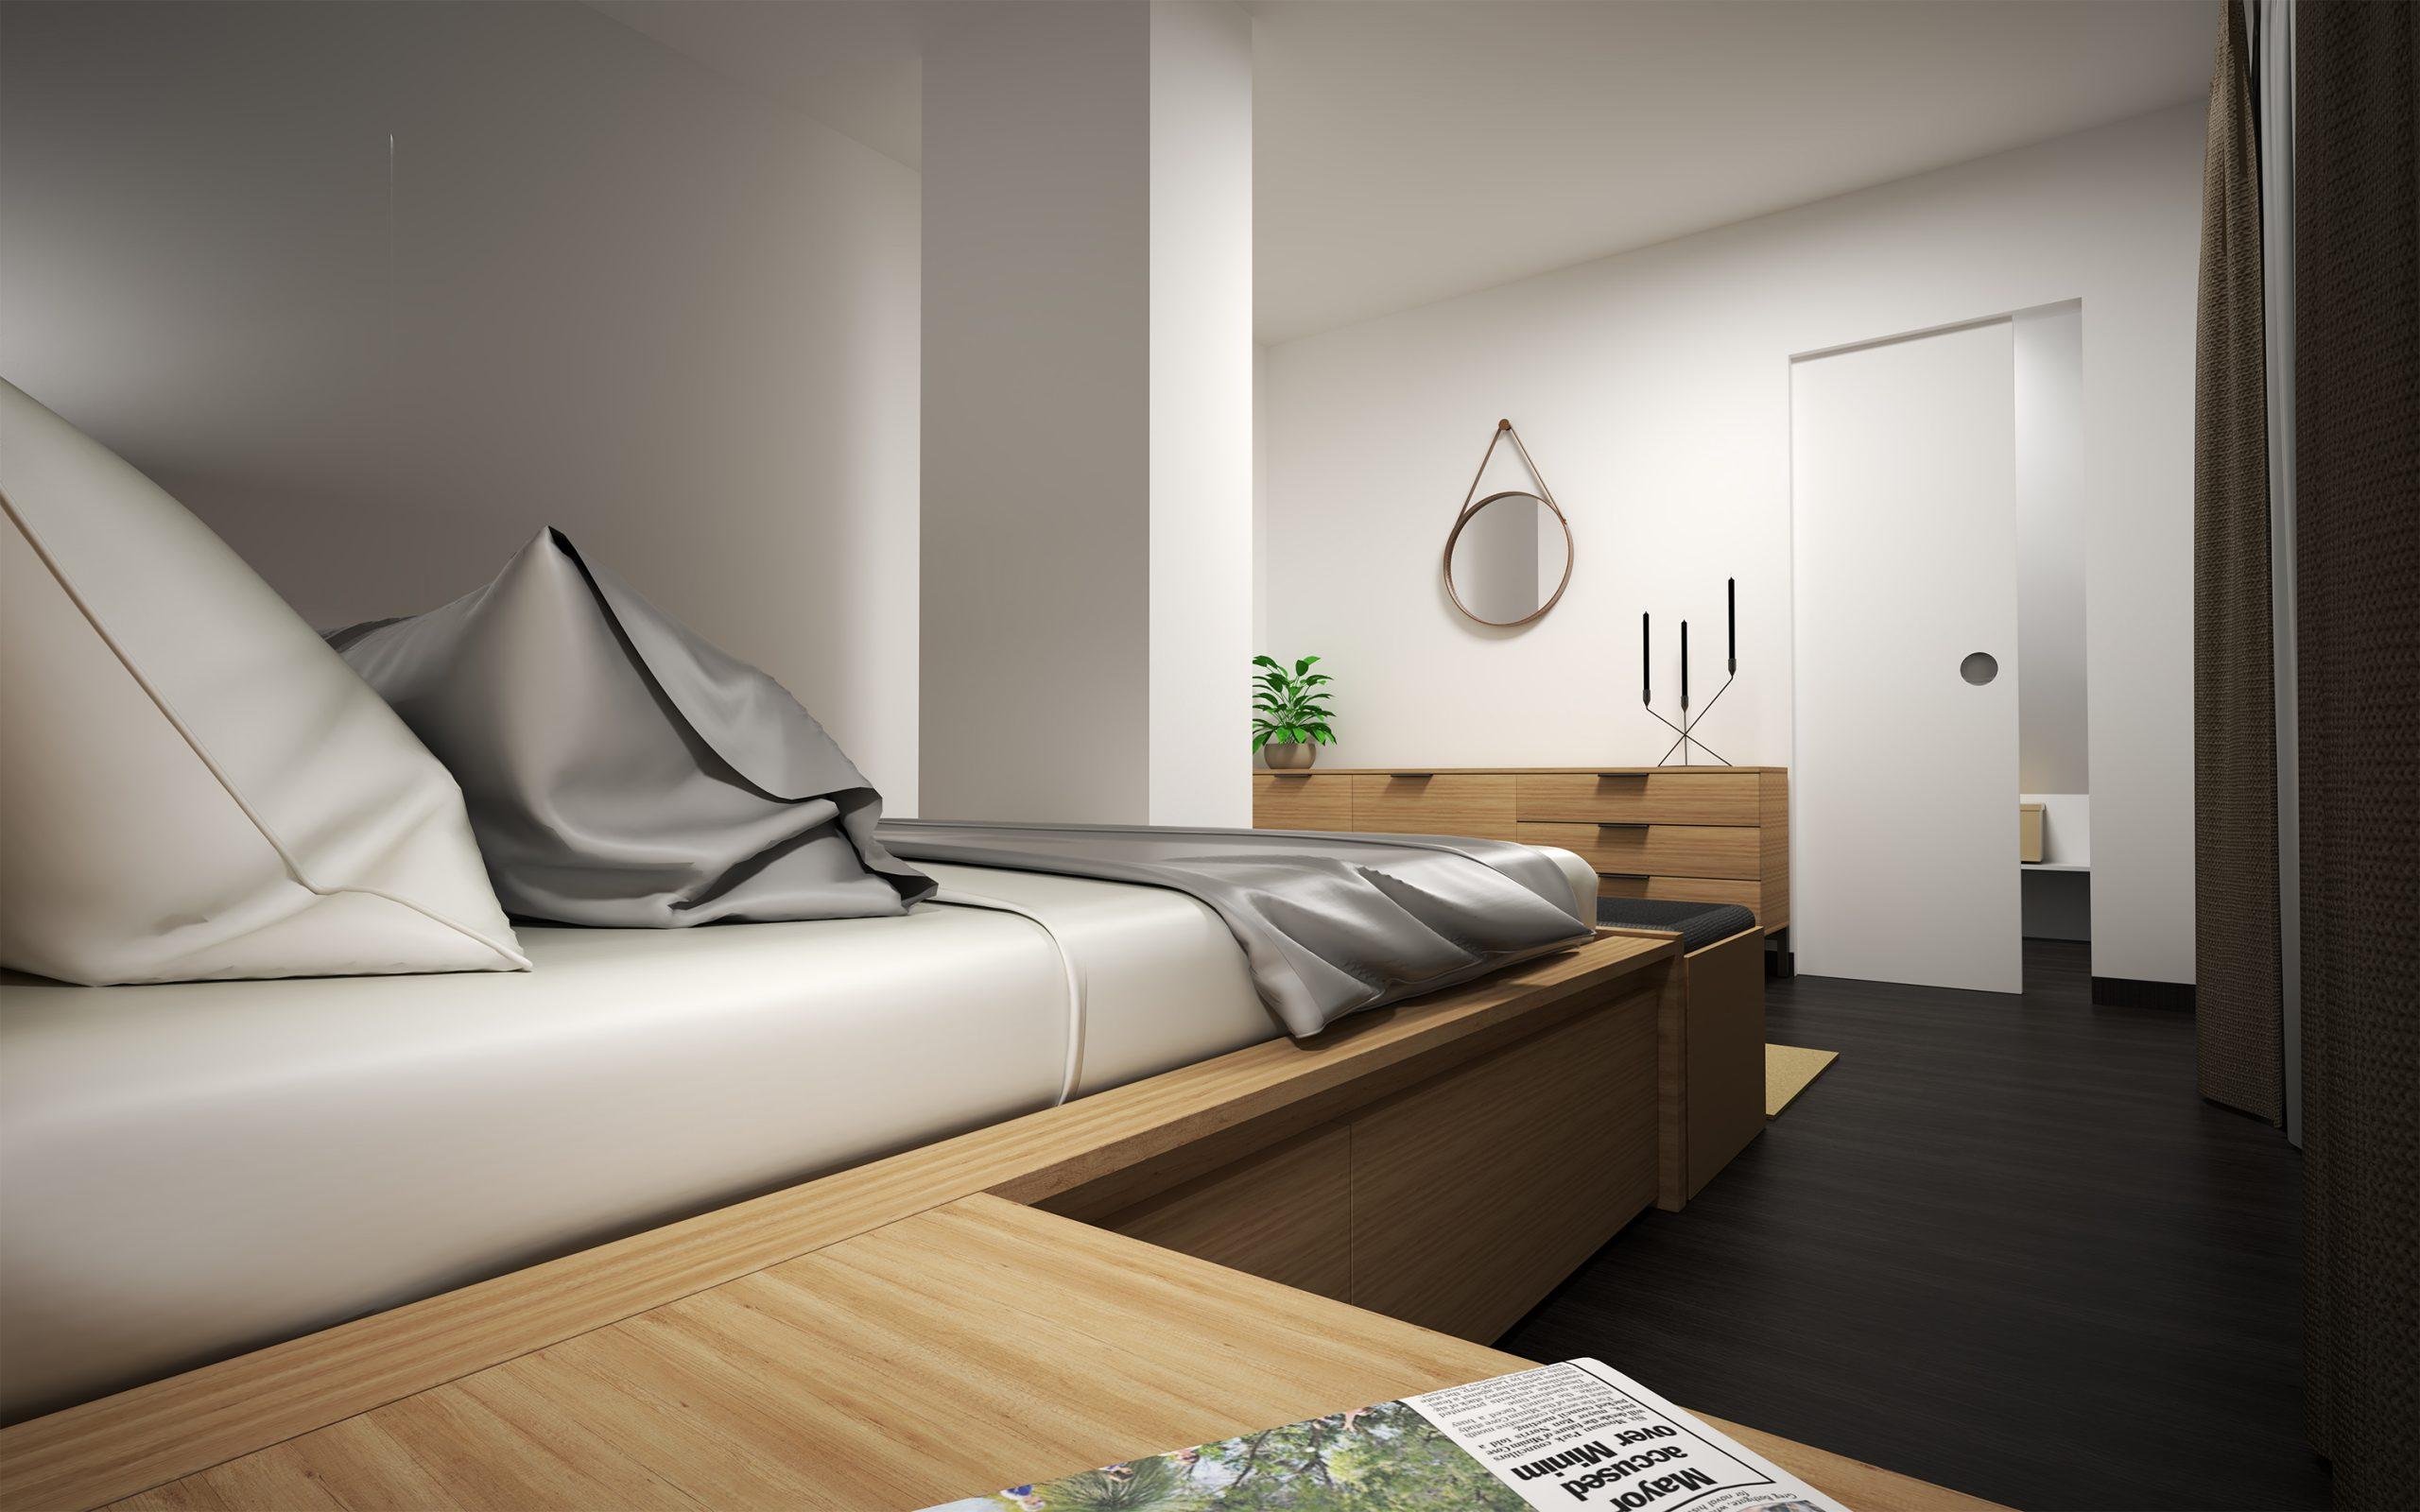 Návrh interiéru spálne s oddeleným šatníkom